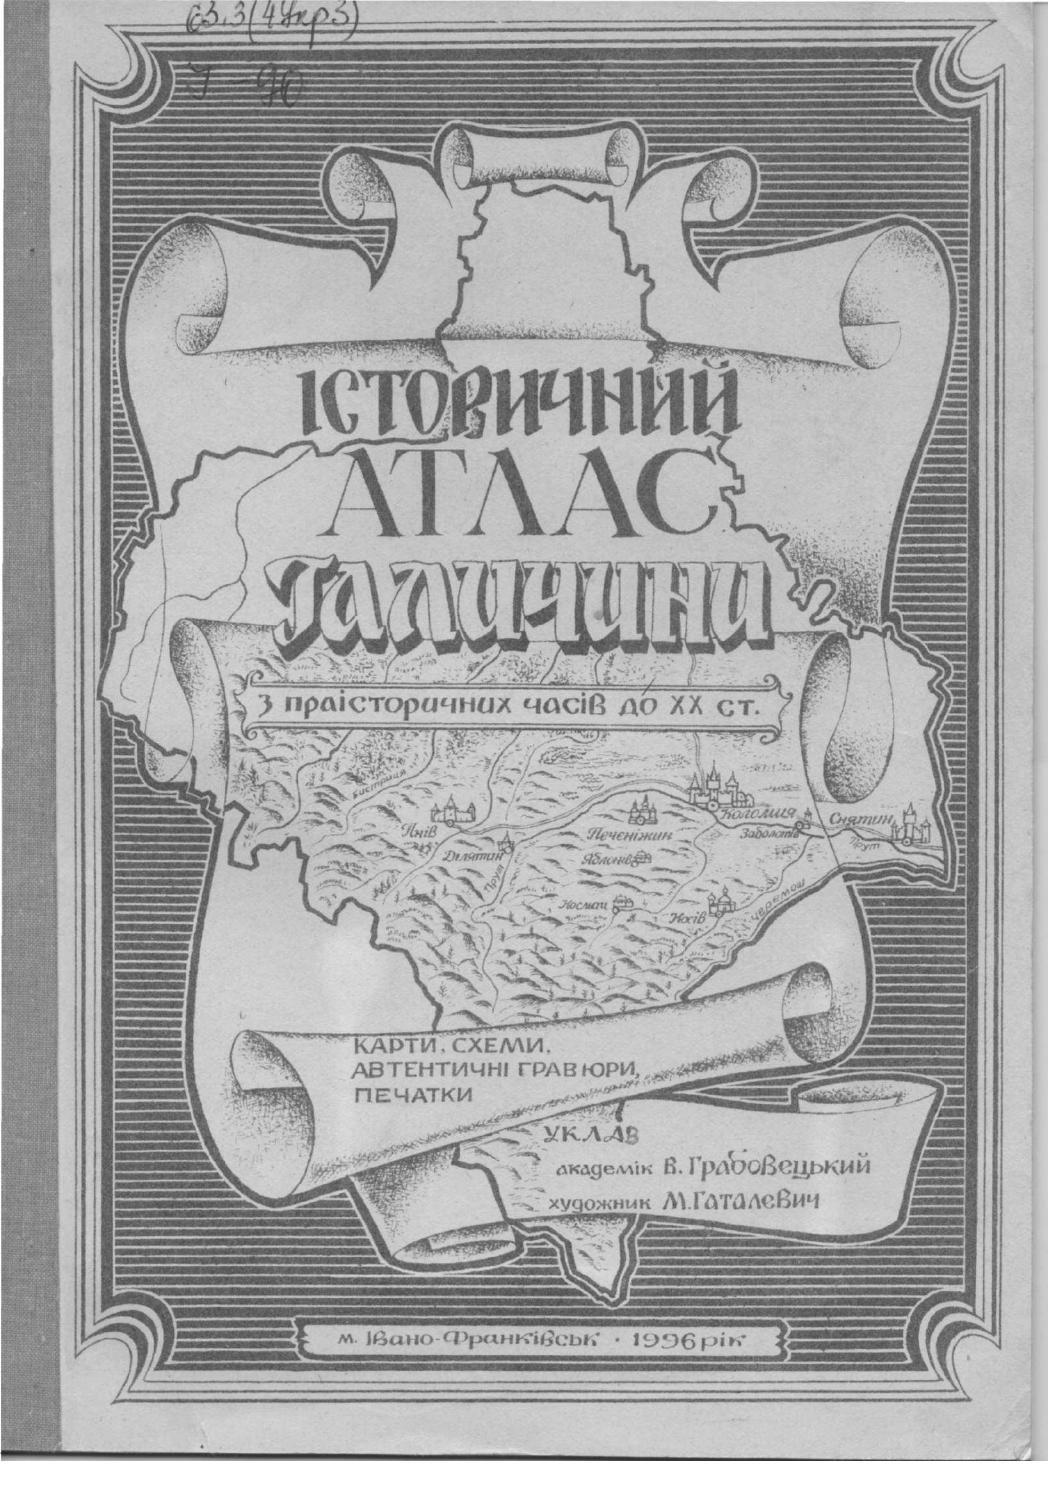 Історичний атлас Галичини, 1996, В. Грабовецький